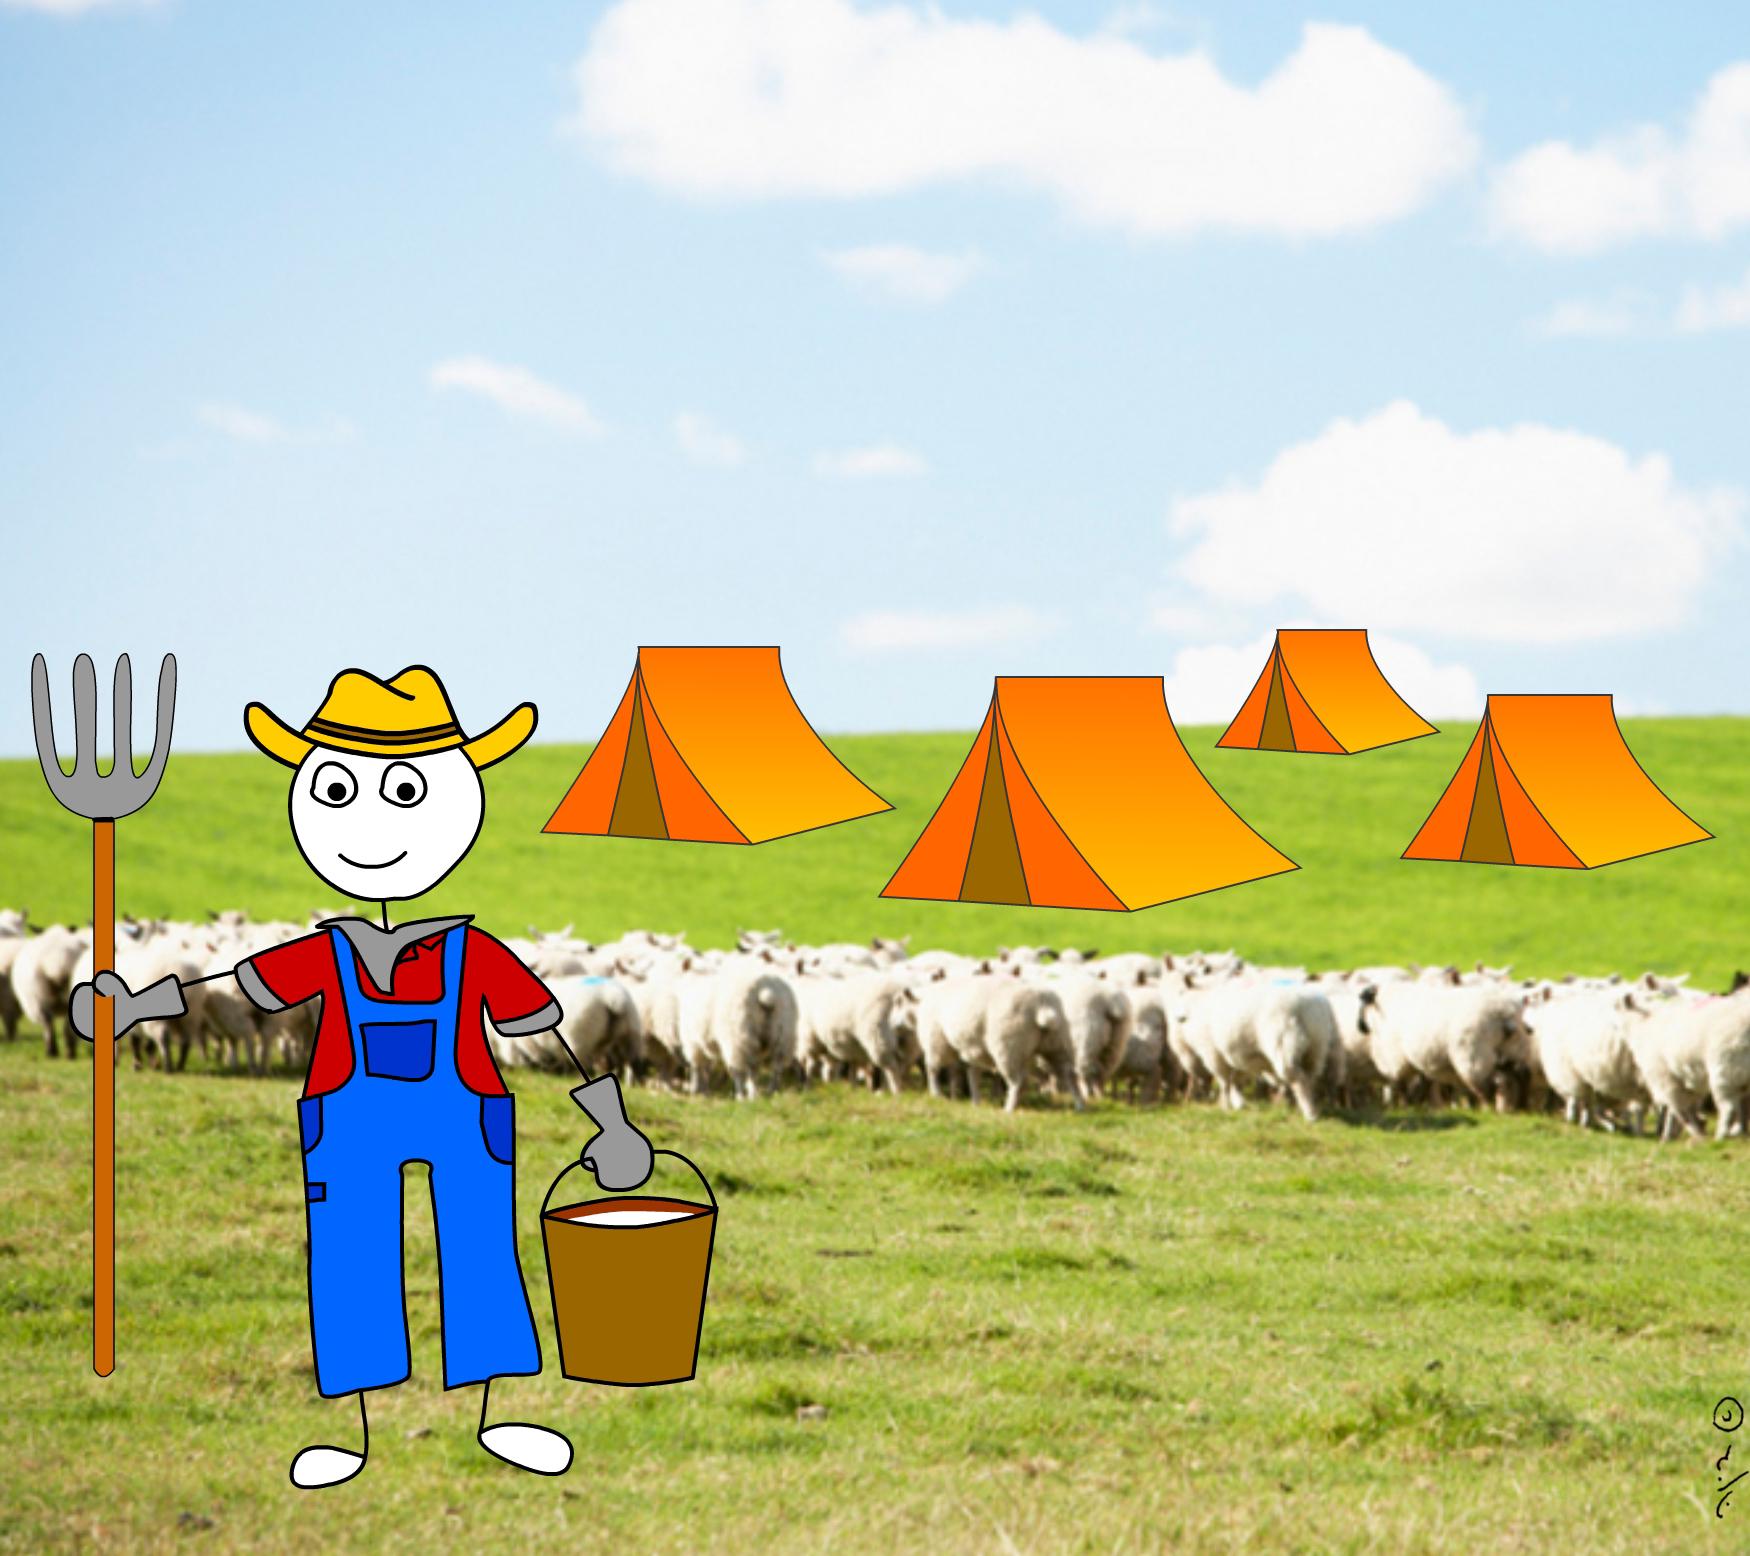 איור של חקלאי אוחז בדלי וקלשון ומאחריו עדר כבשים ואוהלים